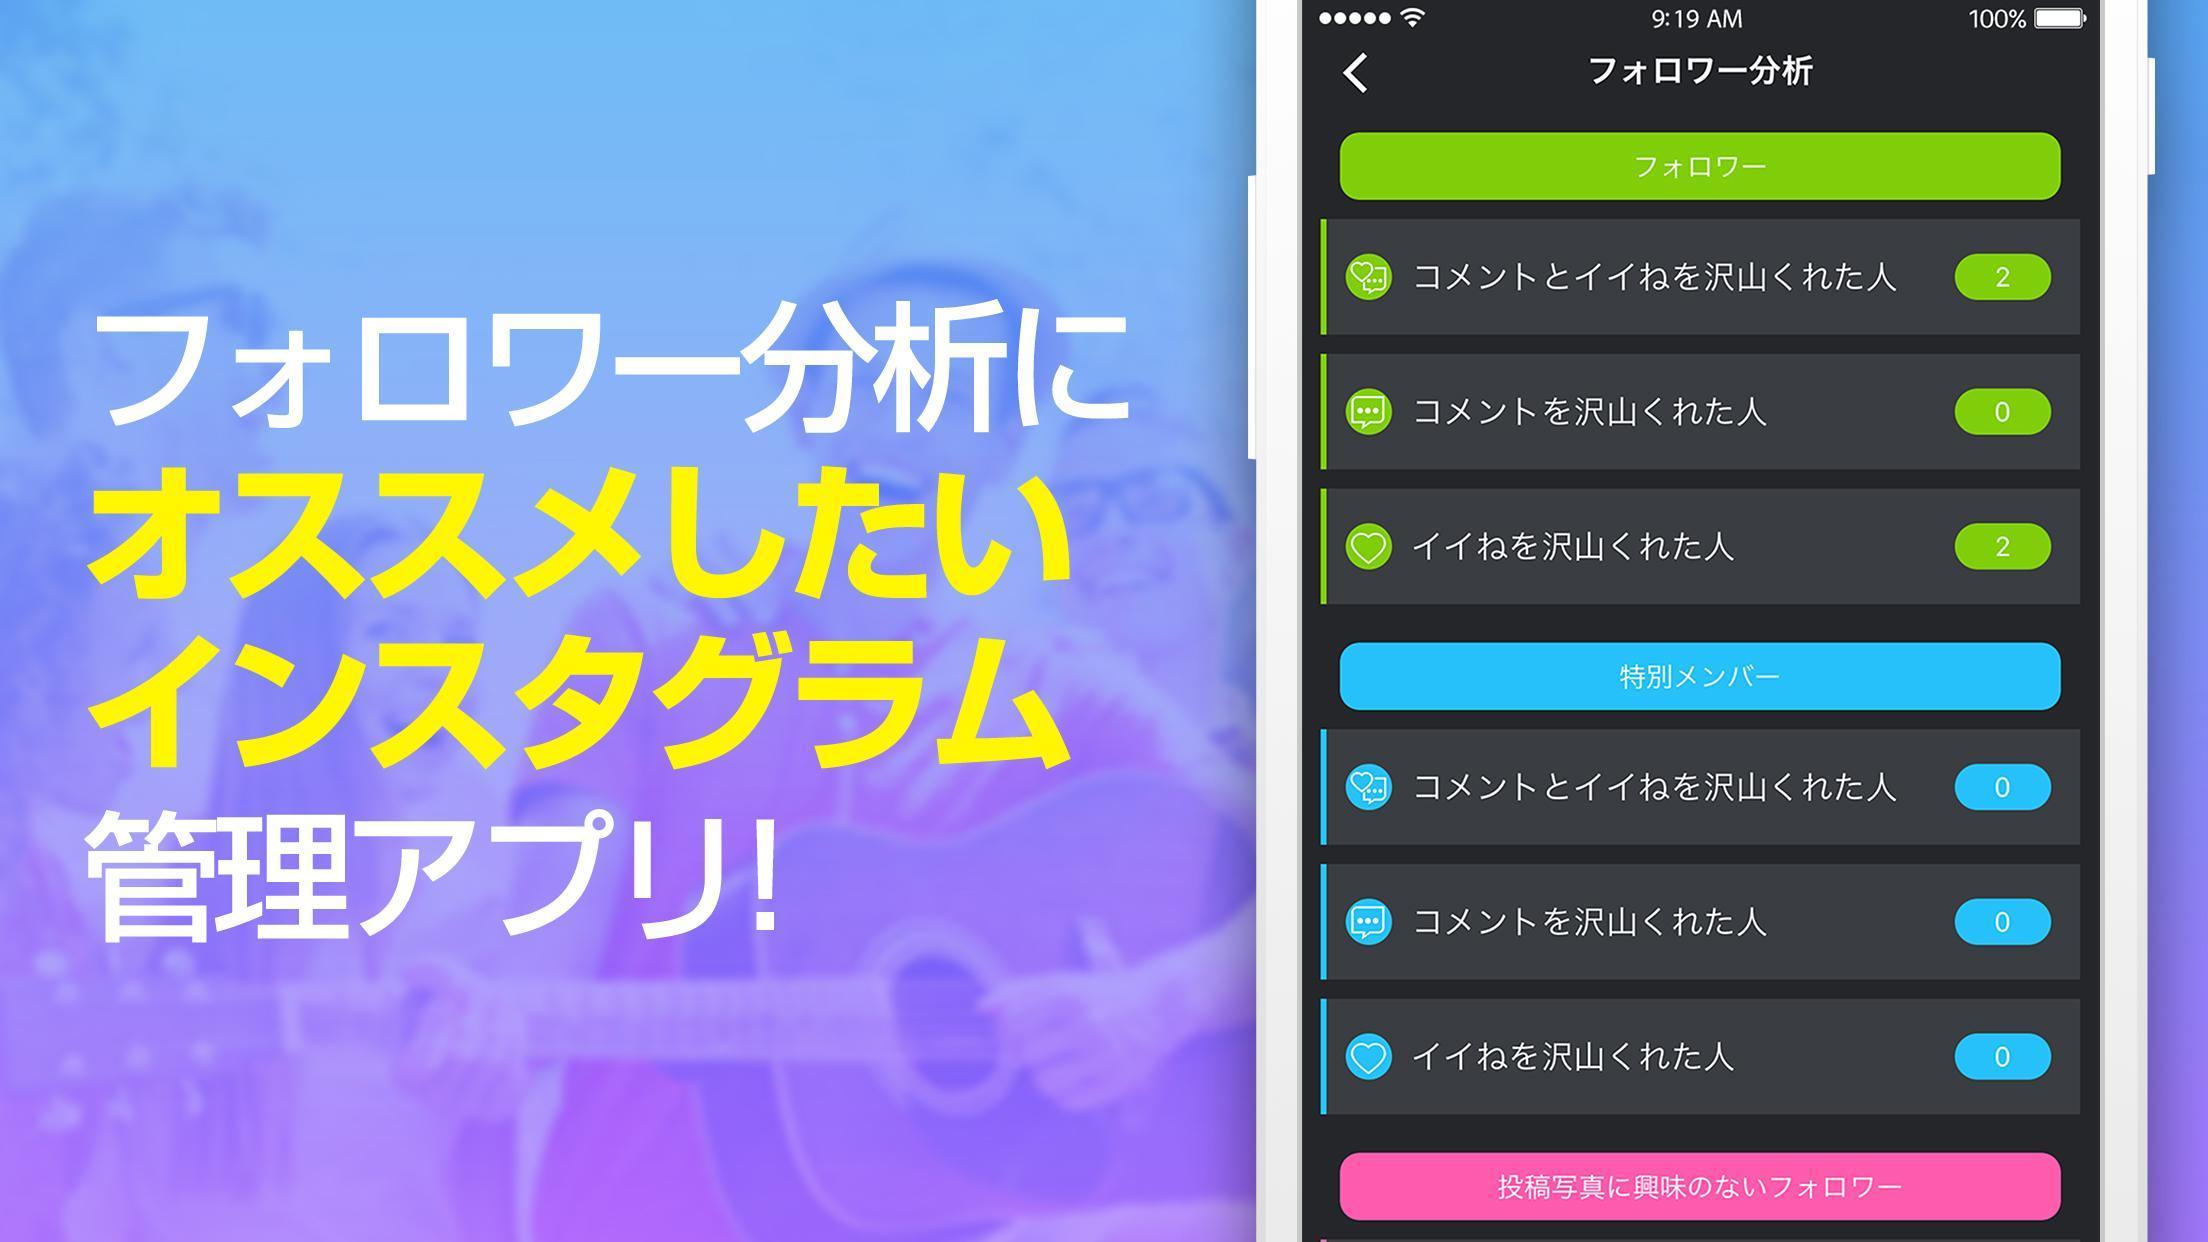 チェック インスタ アプリ フォロー